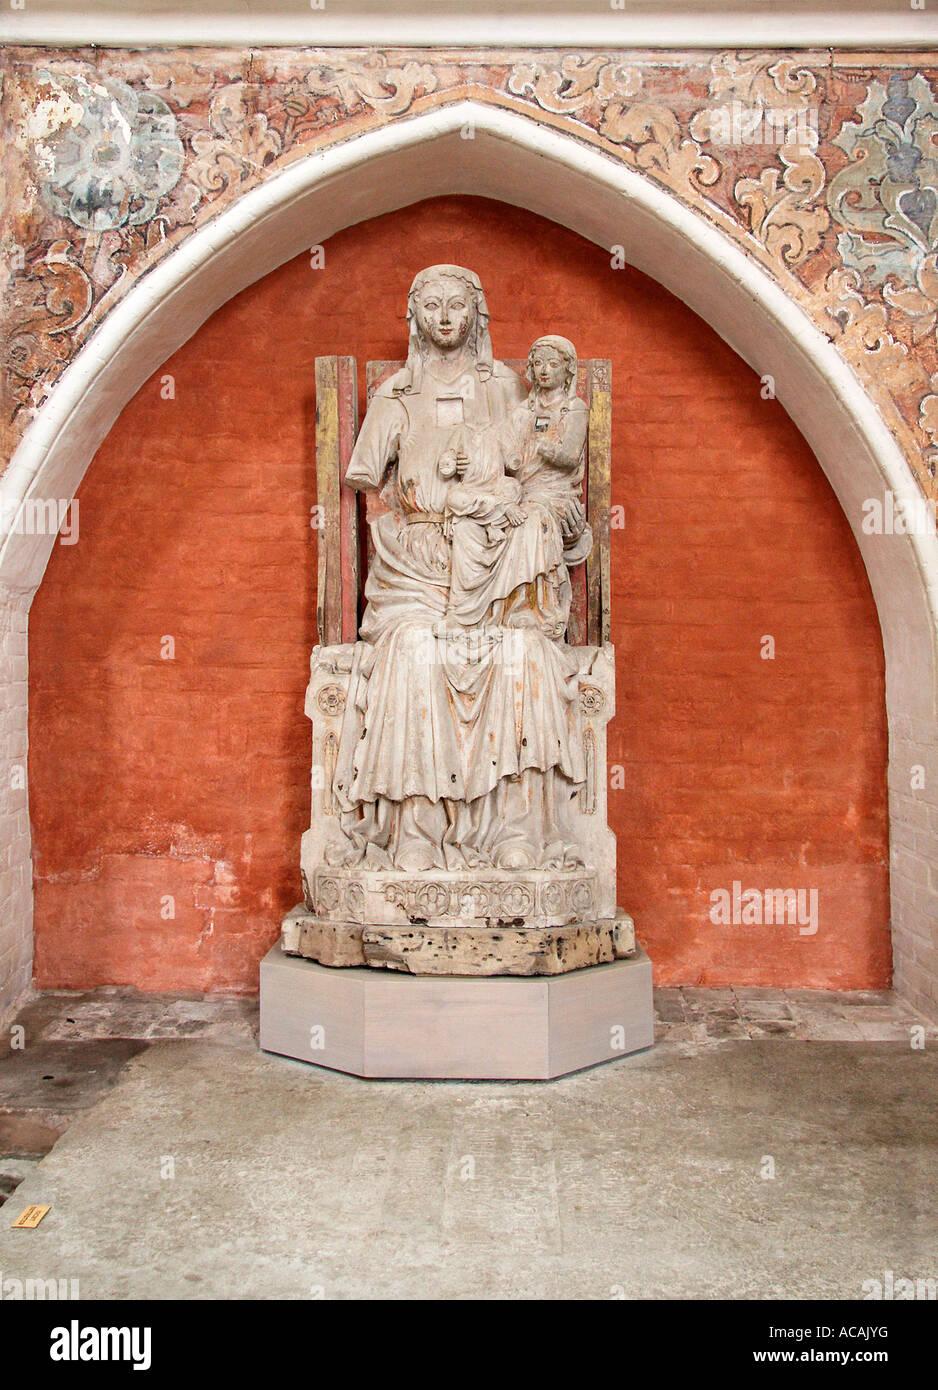 La Virgen y el Niño con Santa Ana, la iglesia de San Nicolás, Stralsund, Mecklemburgo-Pomerania Occidental, Alemania Foto de stock